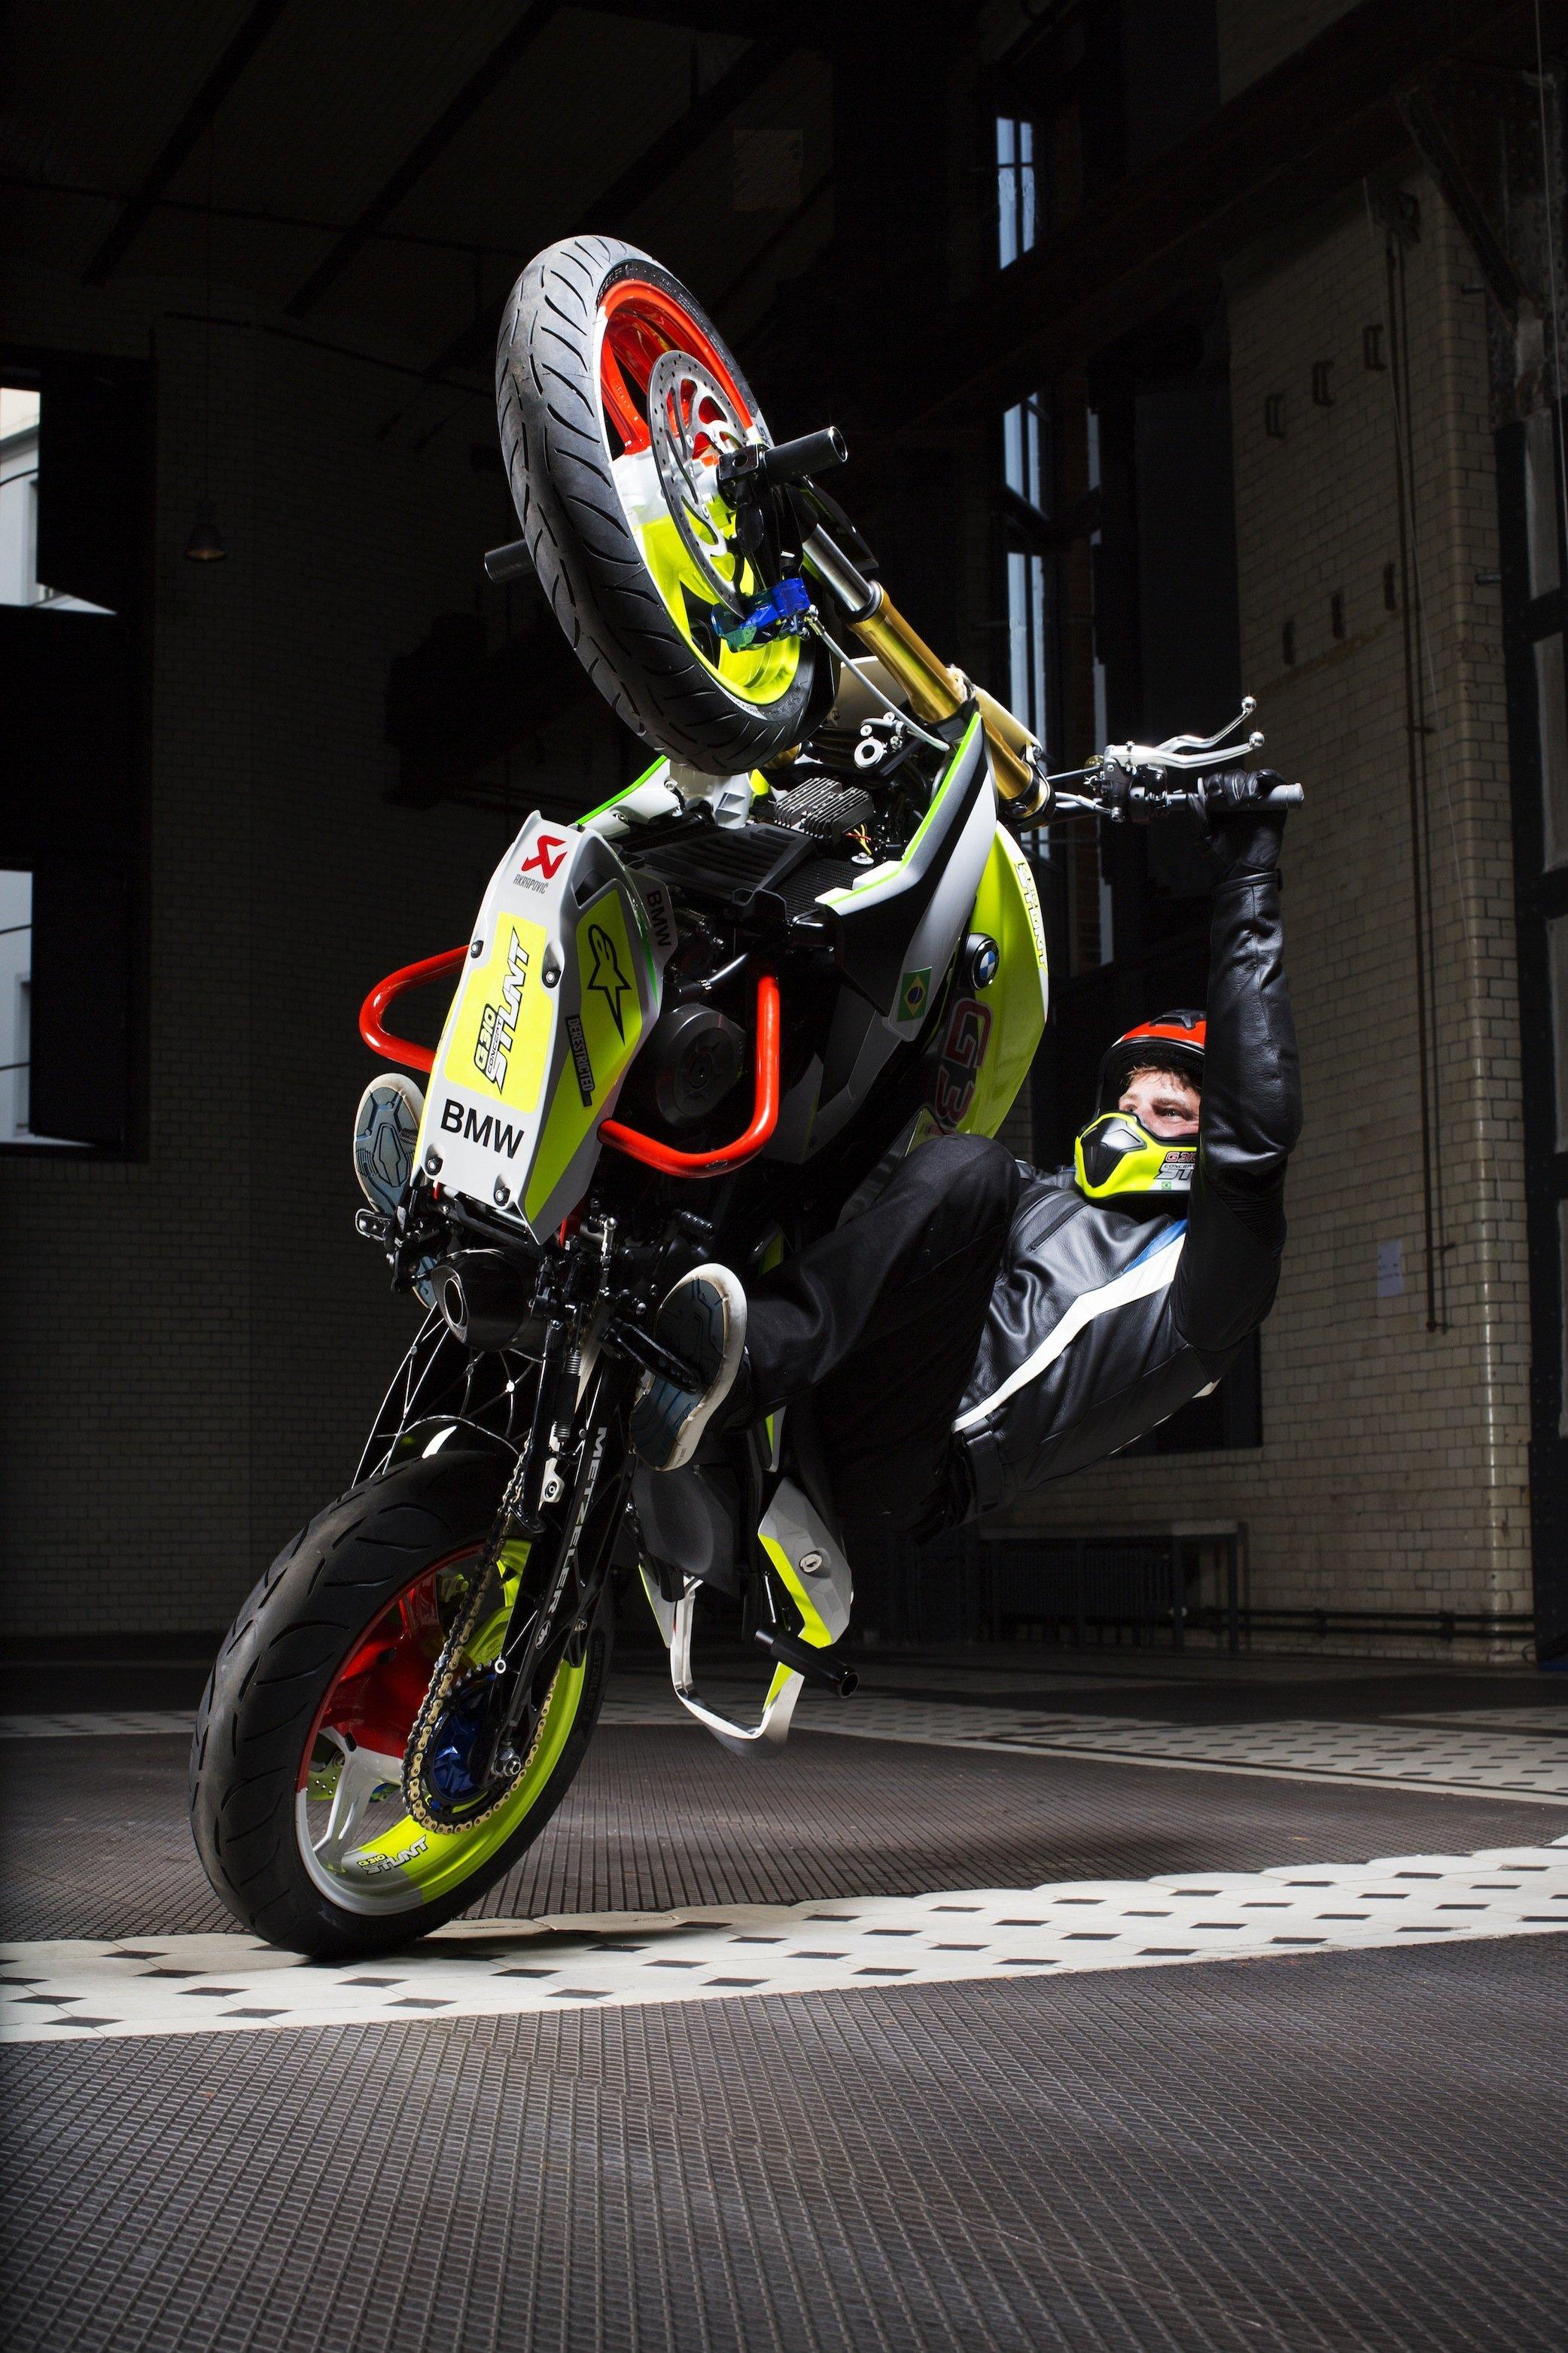 DieBMW Concept Stunt G 310 ist unheimlich wendig: Handstand, Kopfstand oder ein Wheelie wie im Foto sind mit dem Stuntbike von BMW kein Problem.